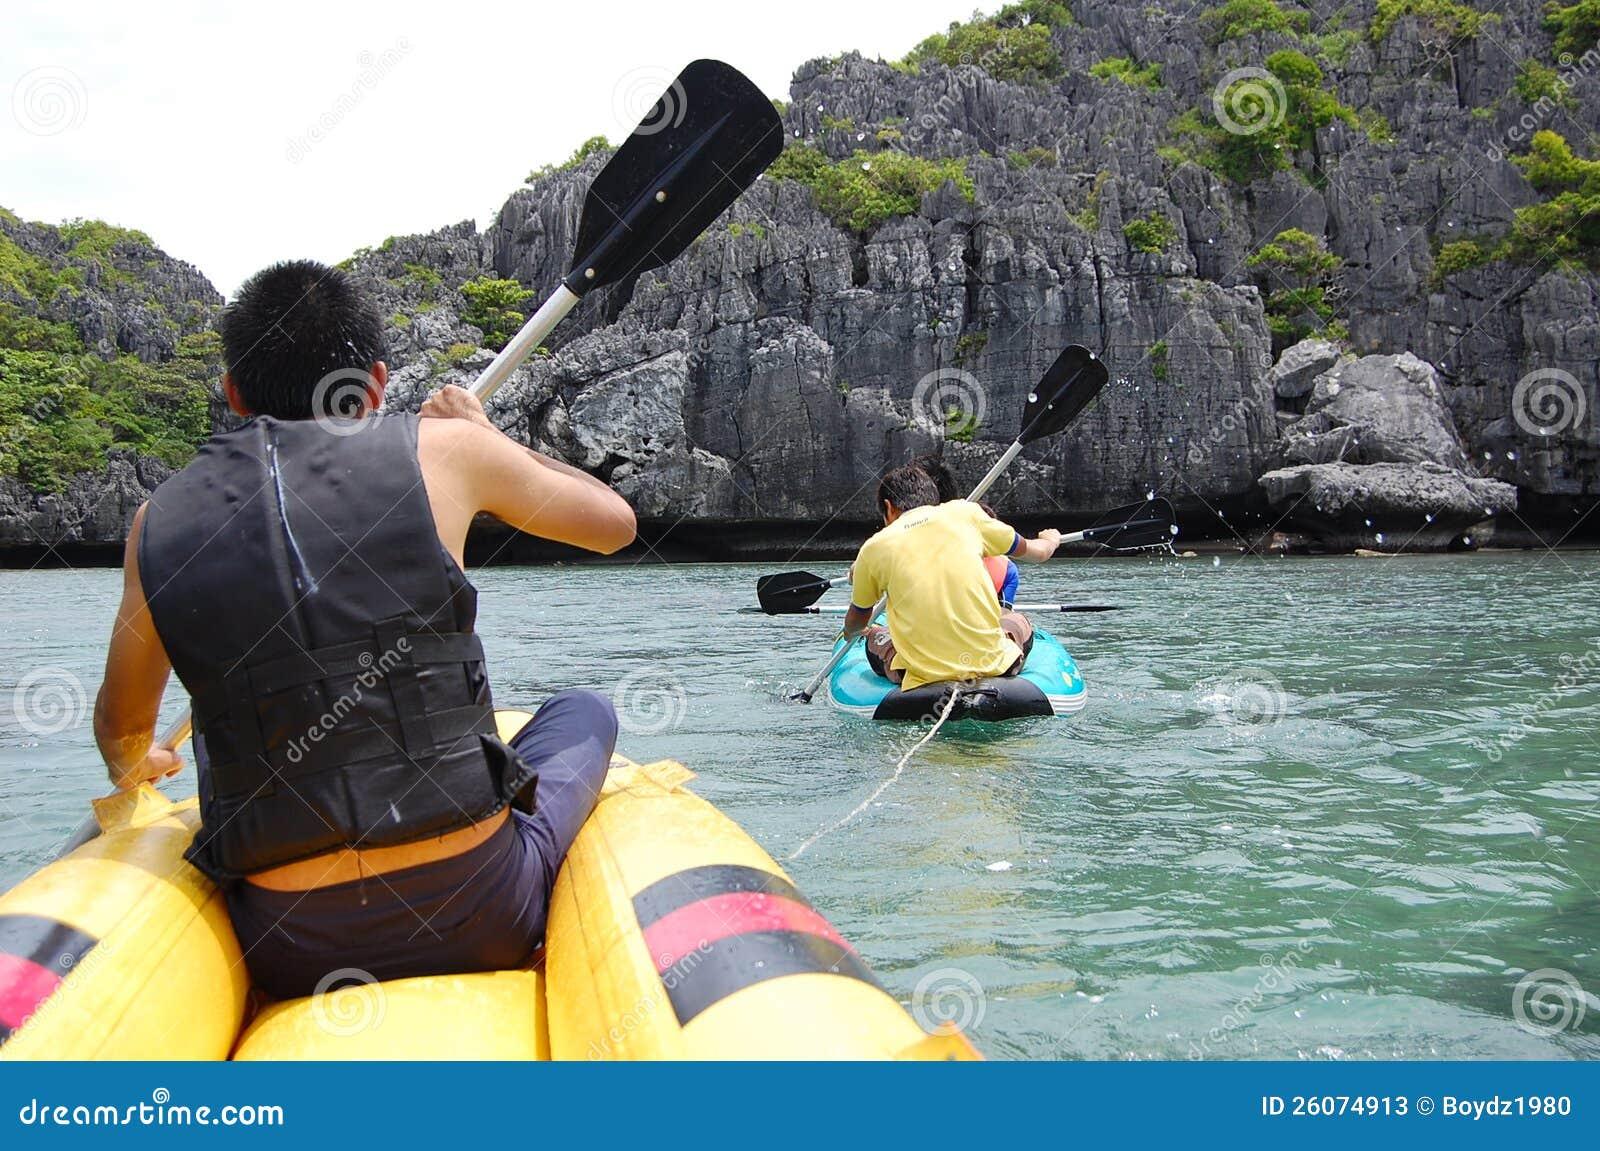 Kayaking At KOH SAMUI Editorial Stock Photo - Image: 26074913